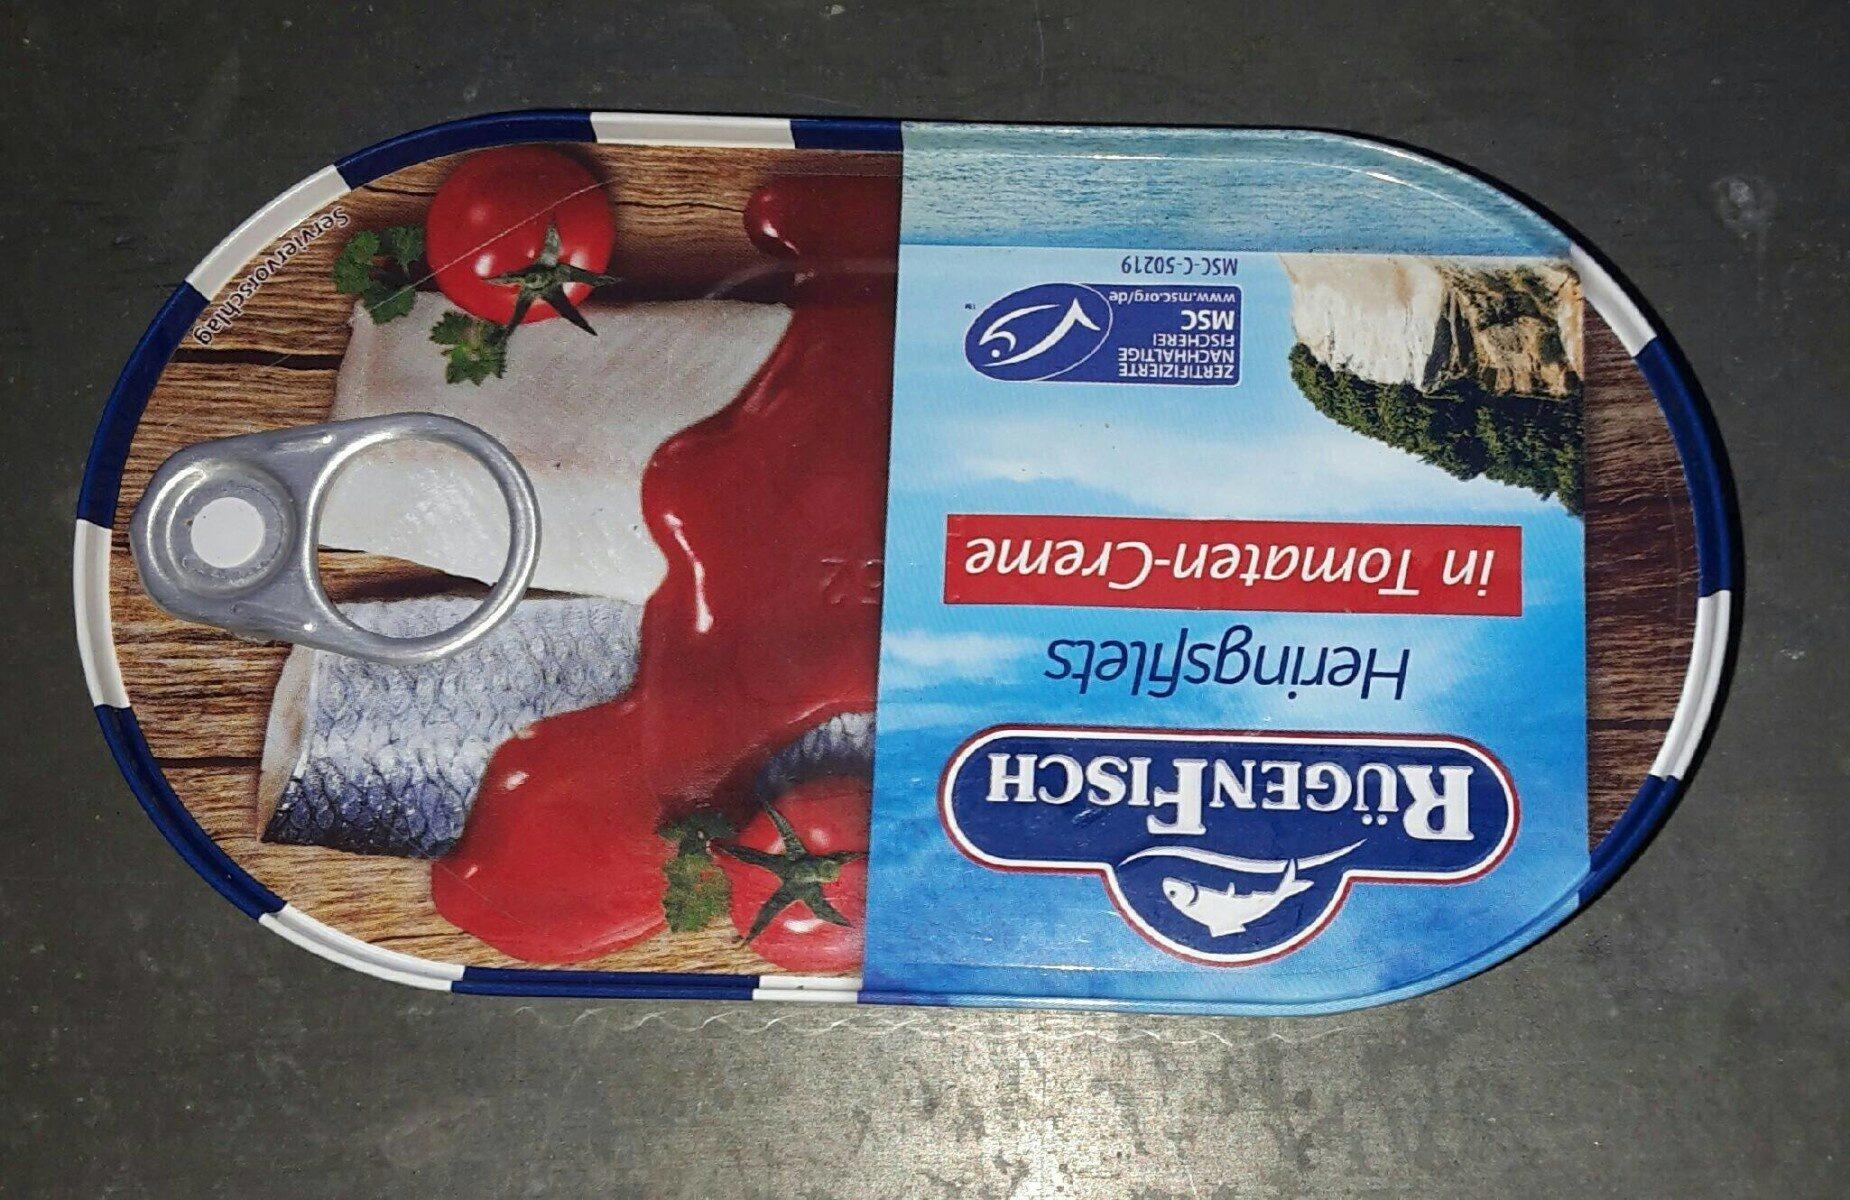 Heringsfilets in Tomatencreme - Produit - de